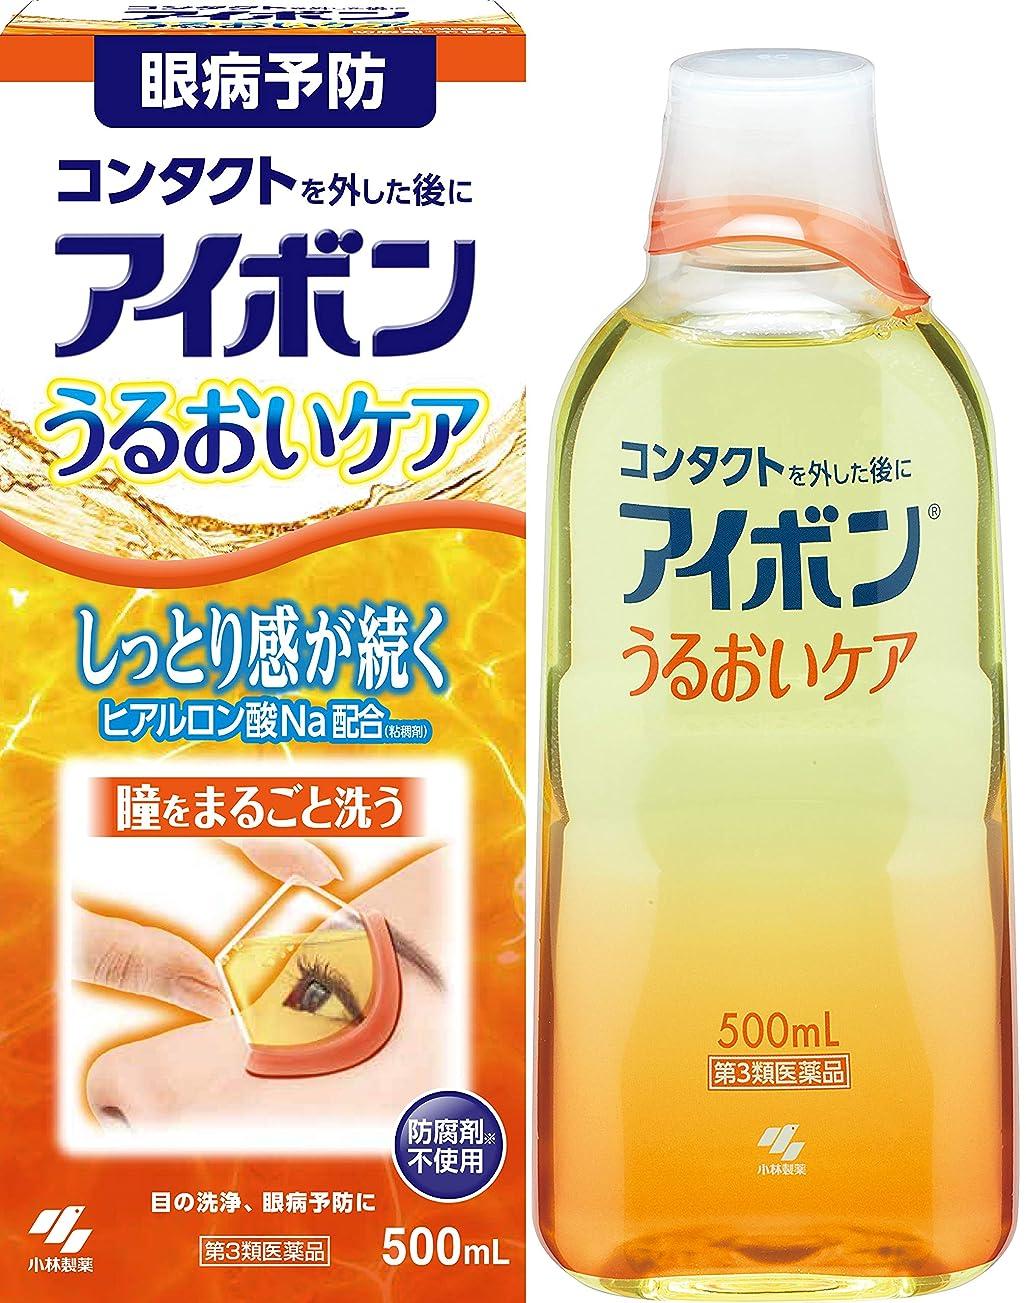 バイパスいわゆる提供する【第3類医薬品】アイボンうるおいケア 500mL